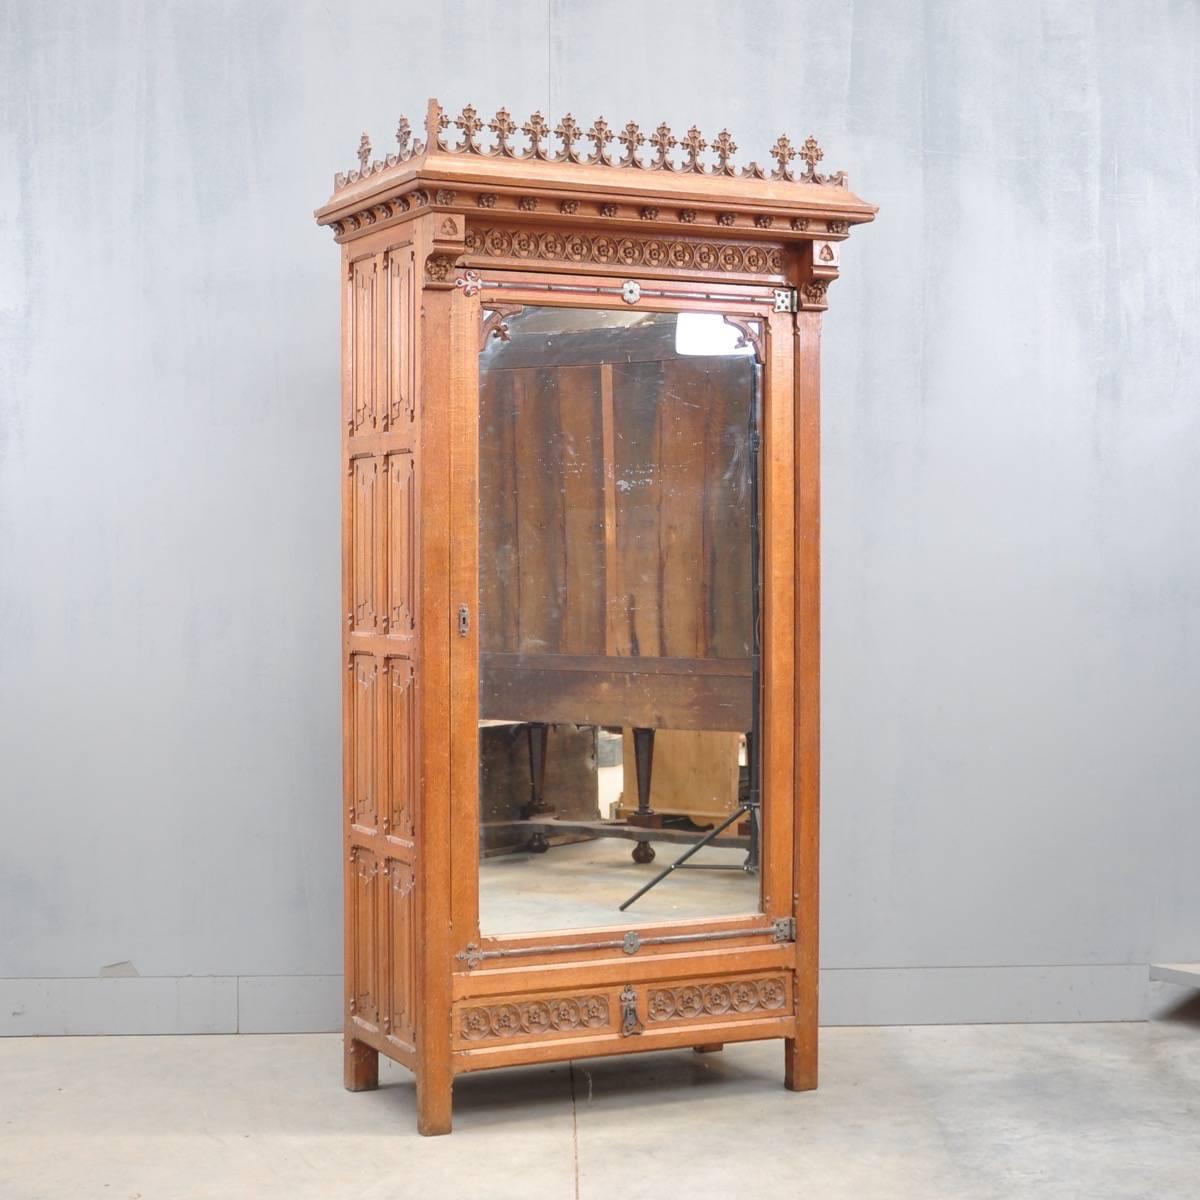 Oak Neo-Gothic armoire with mirror| De Grande Antique Furniture - Neo-Gothic Armoire De Grande Antique Furniture